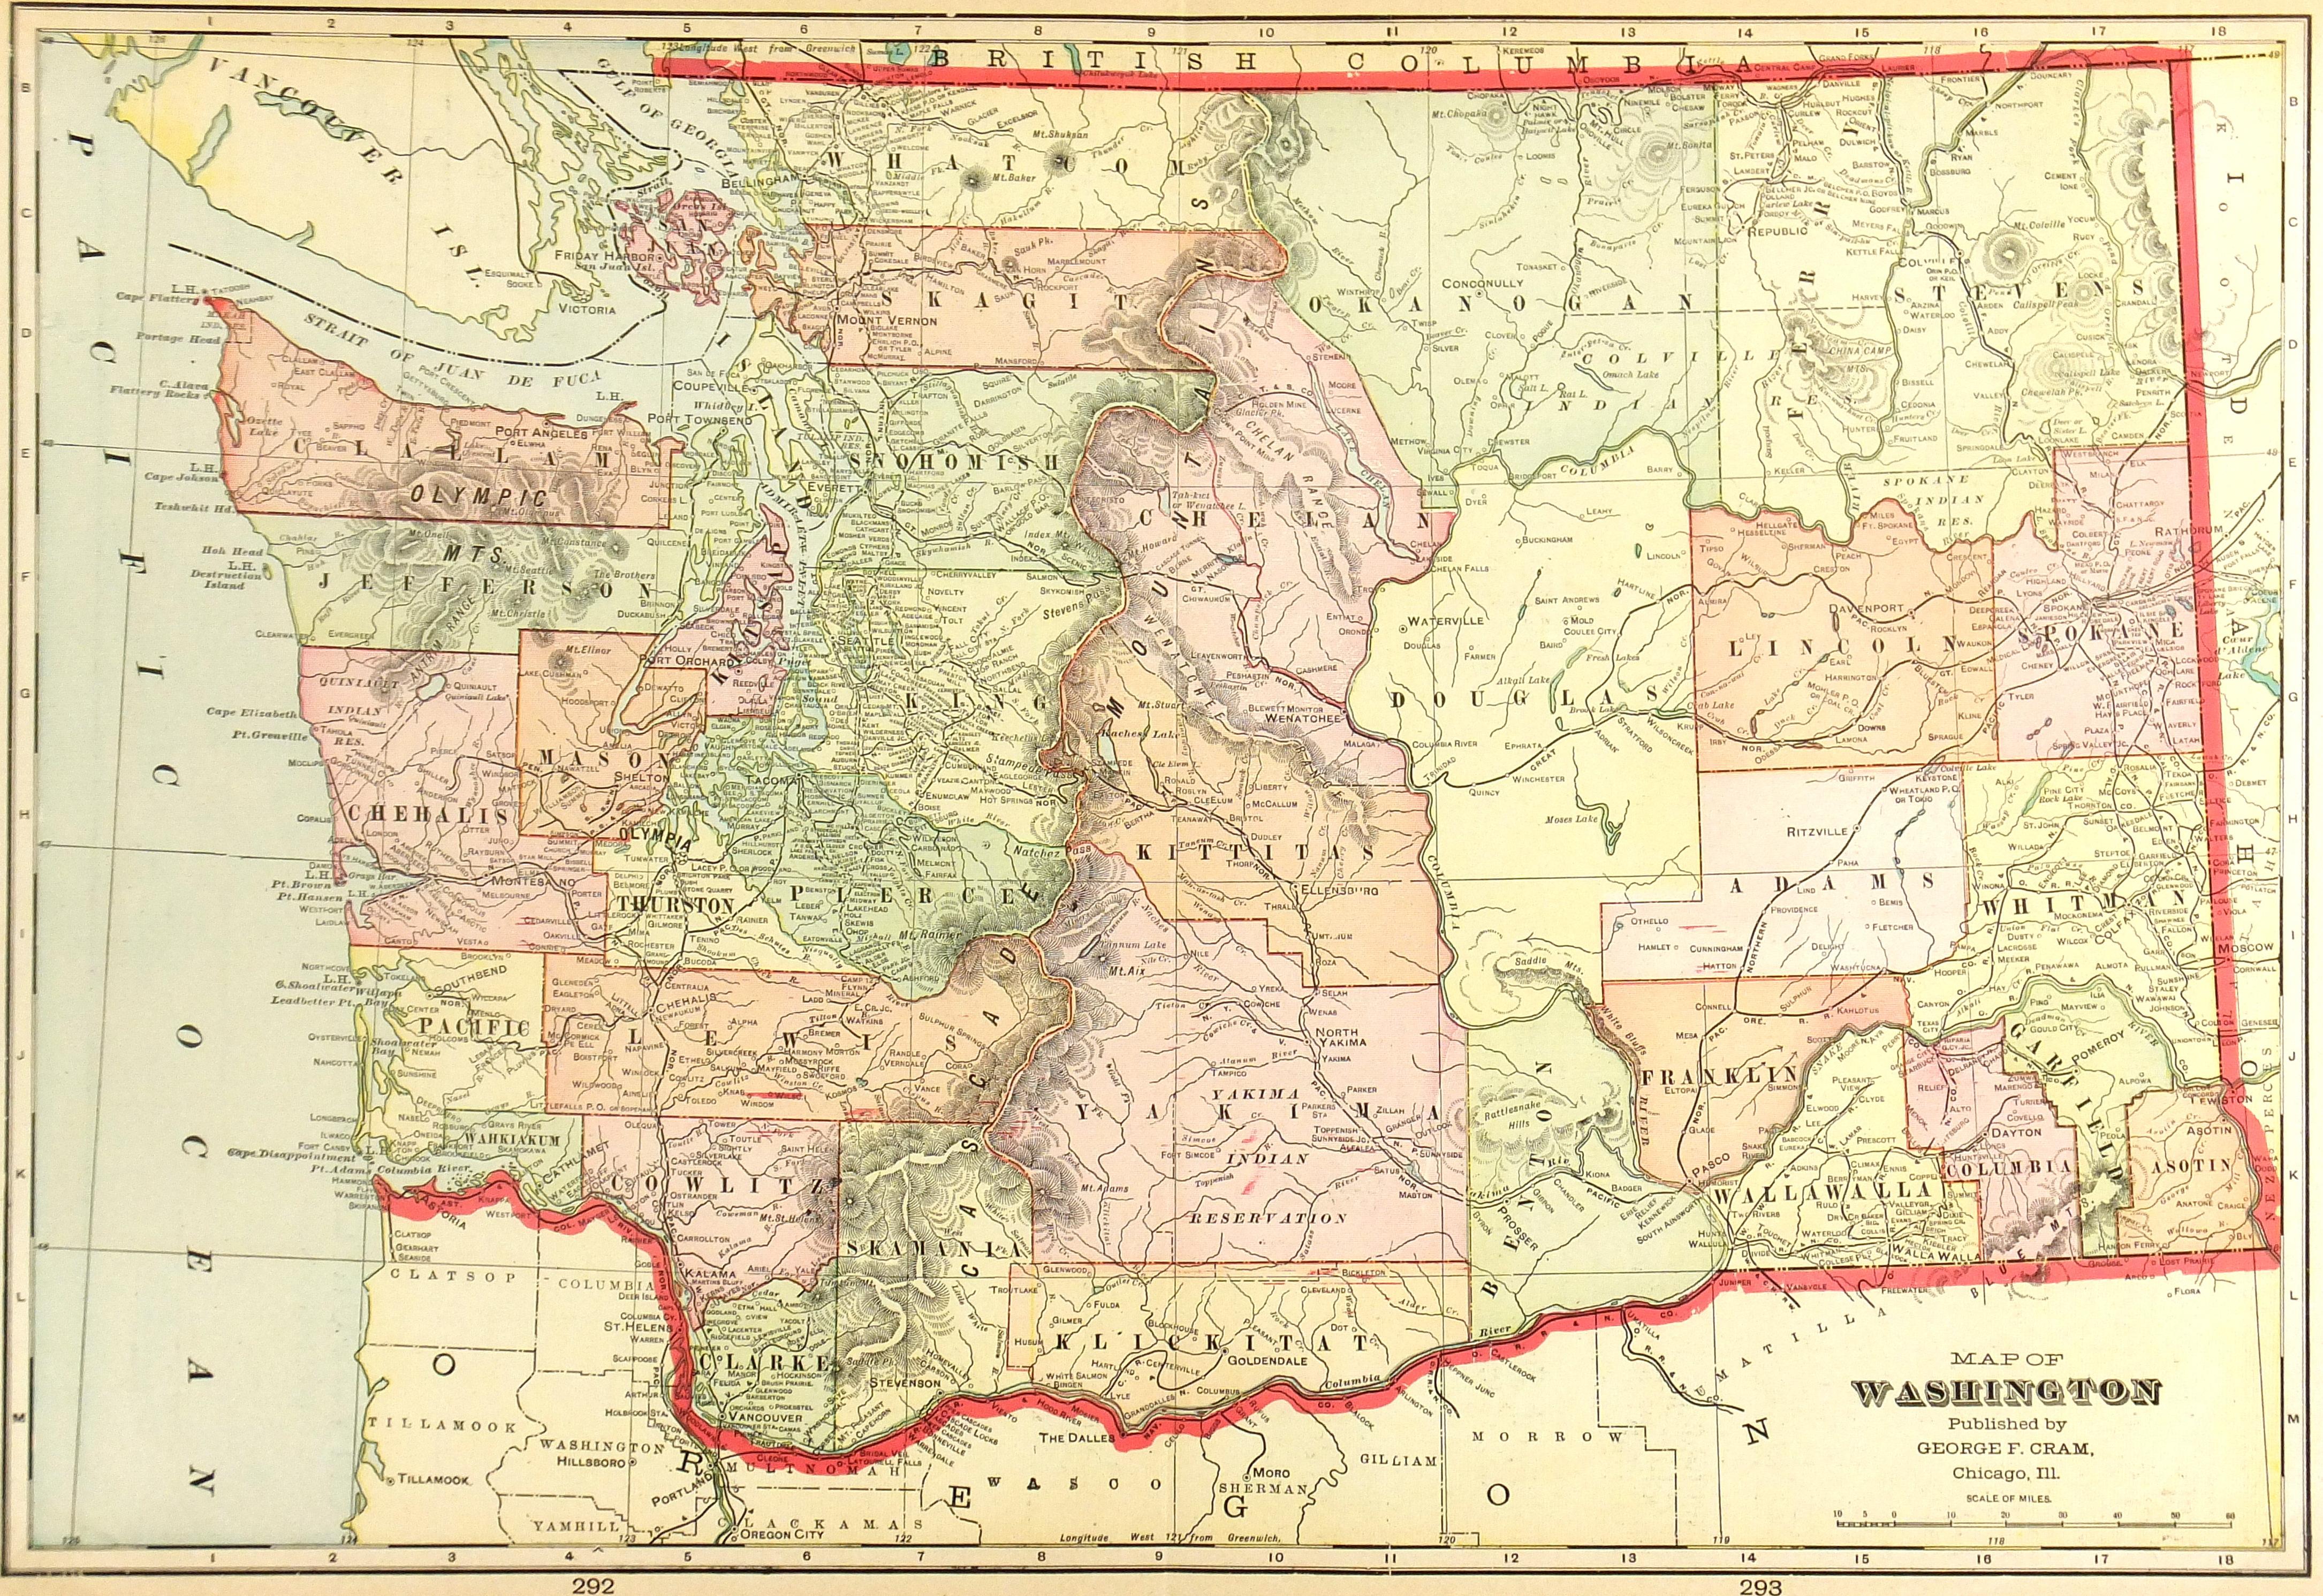 Map of Washington, 1908